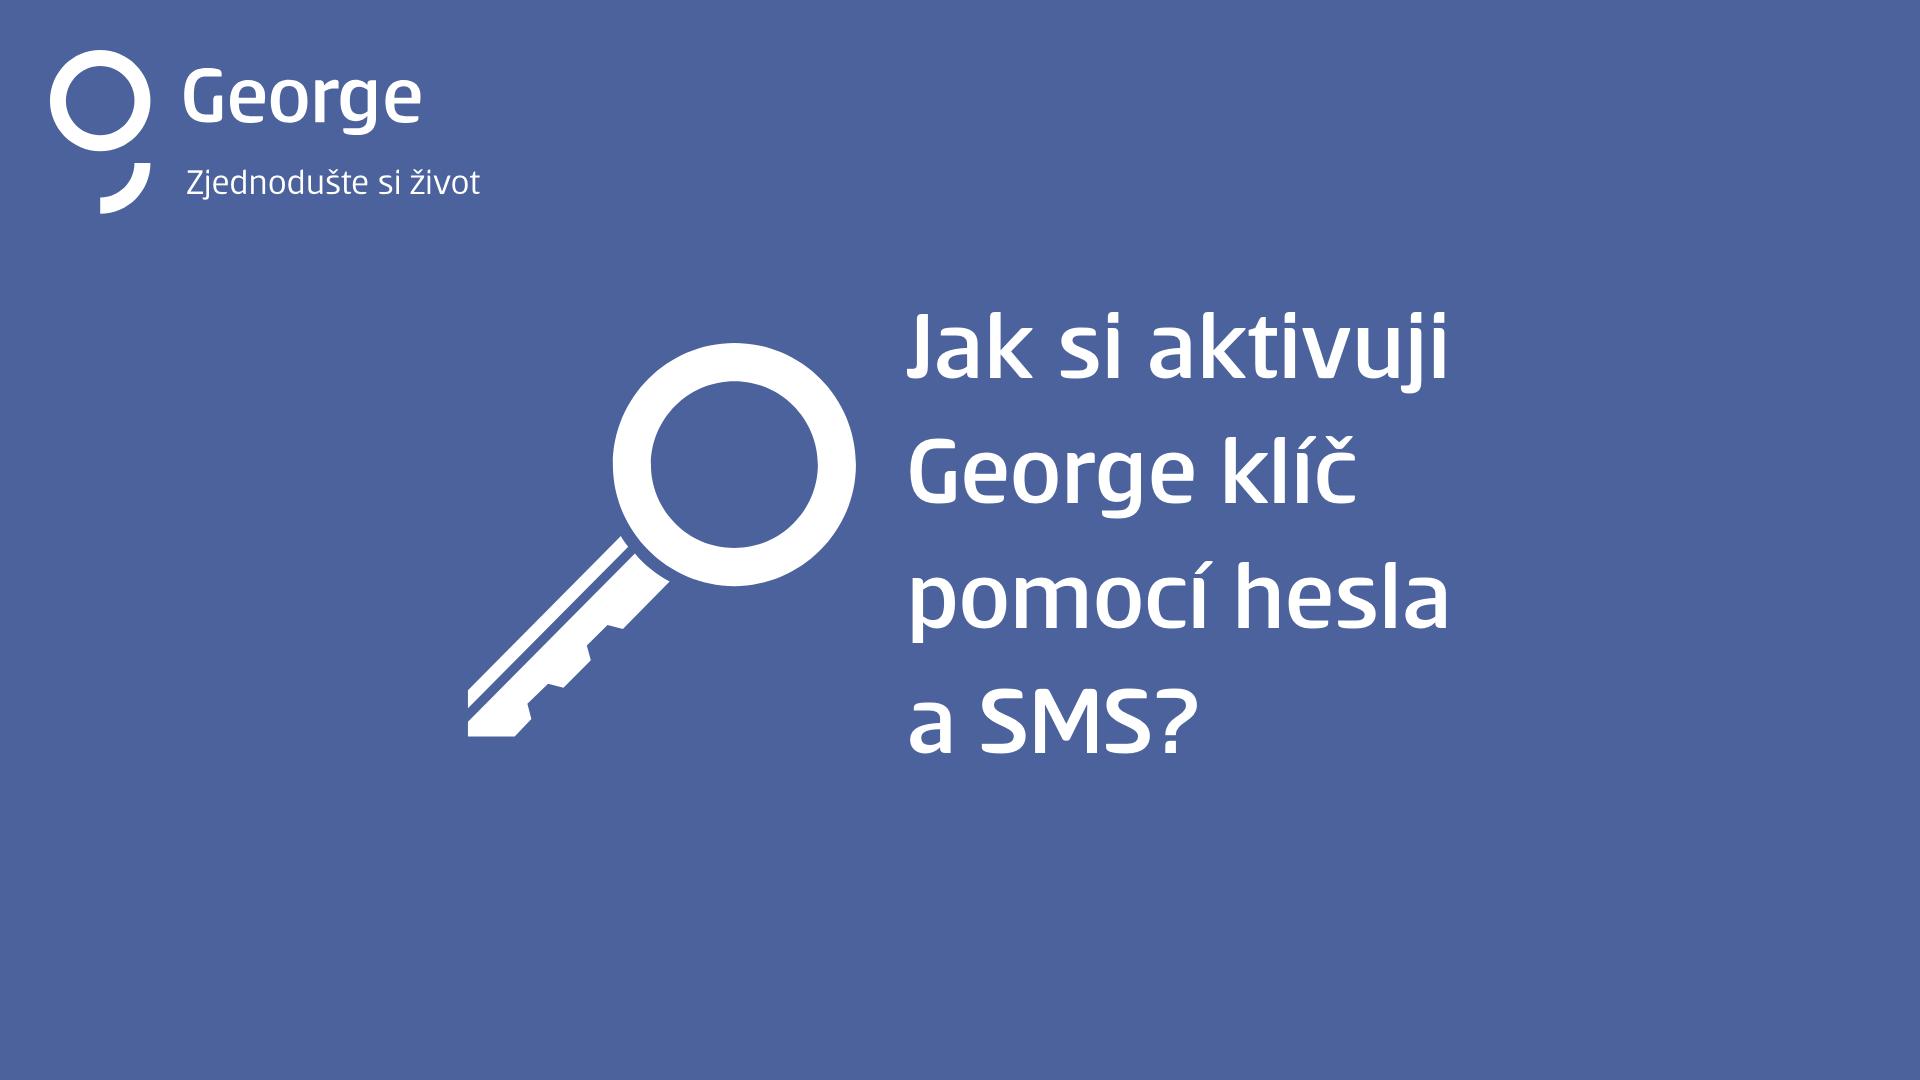 Instalace George klíč pomocí hesla a SMS